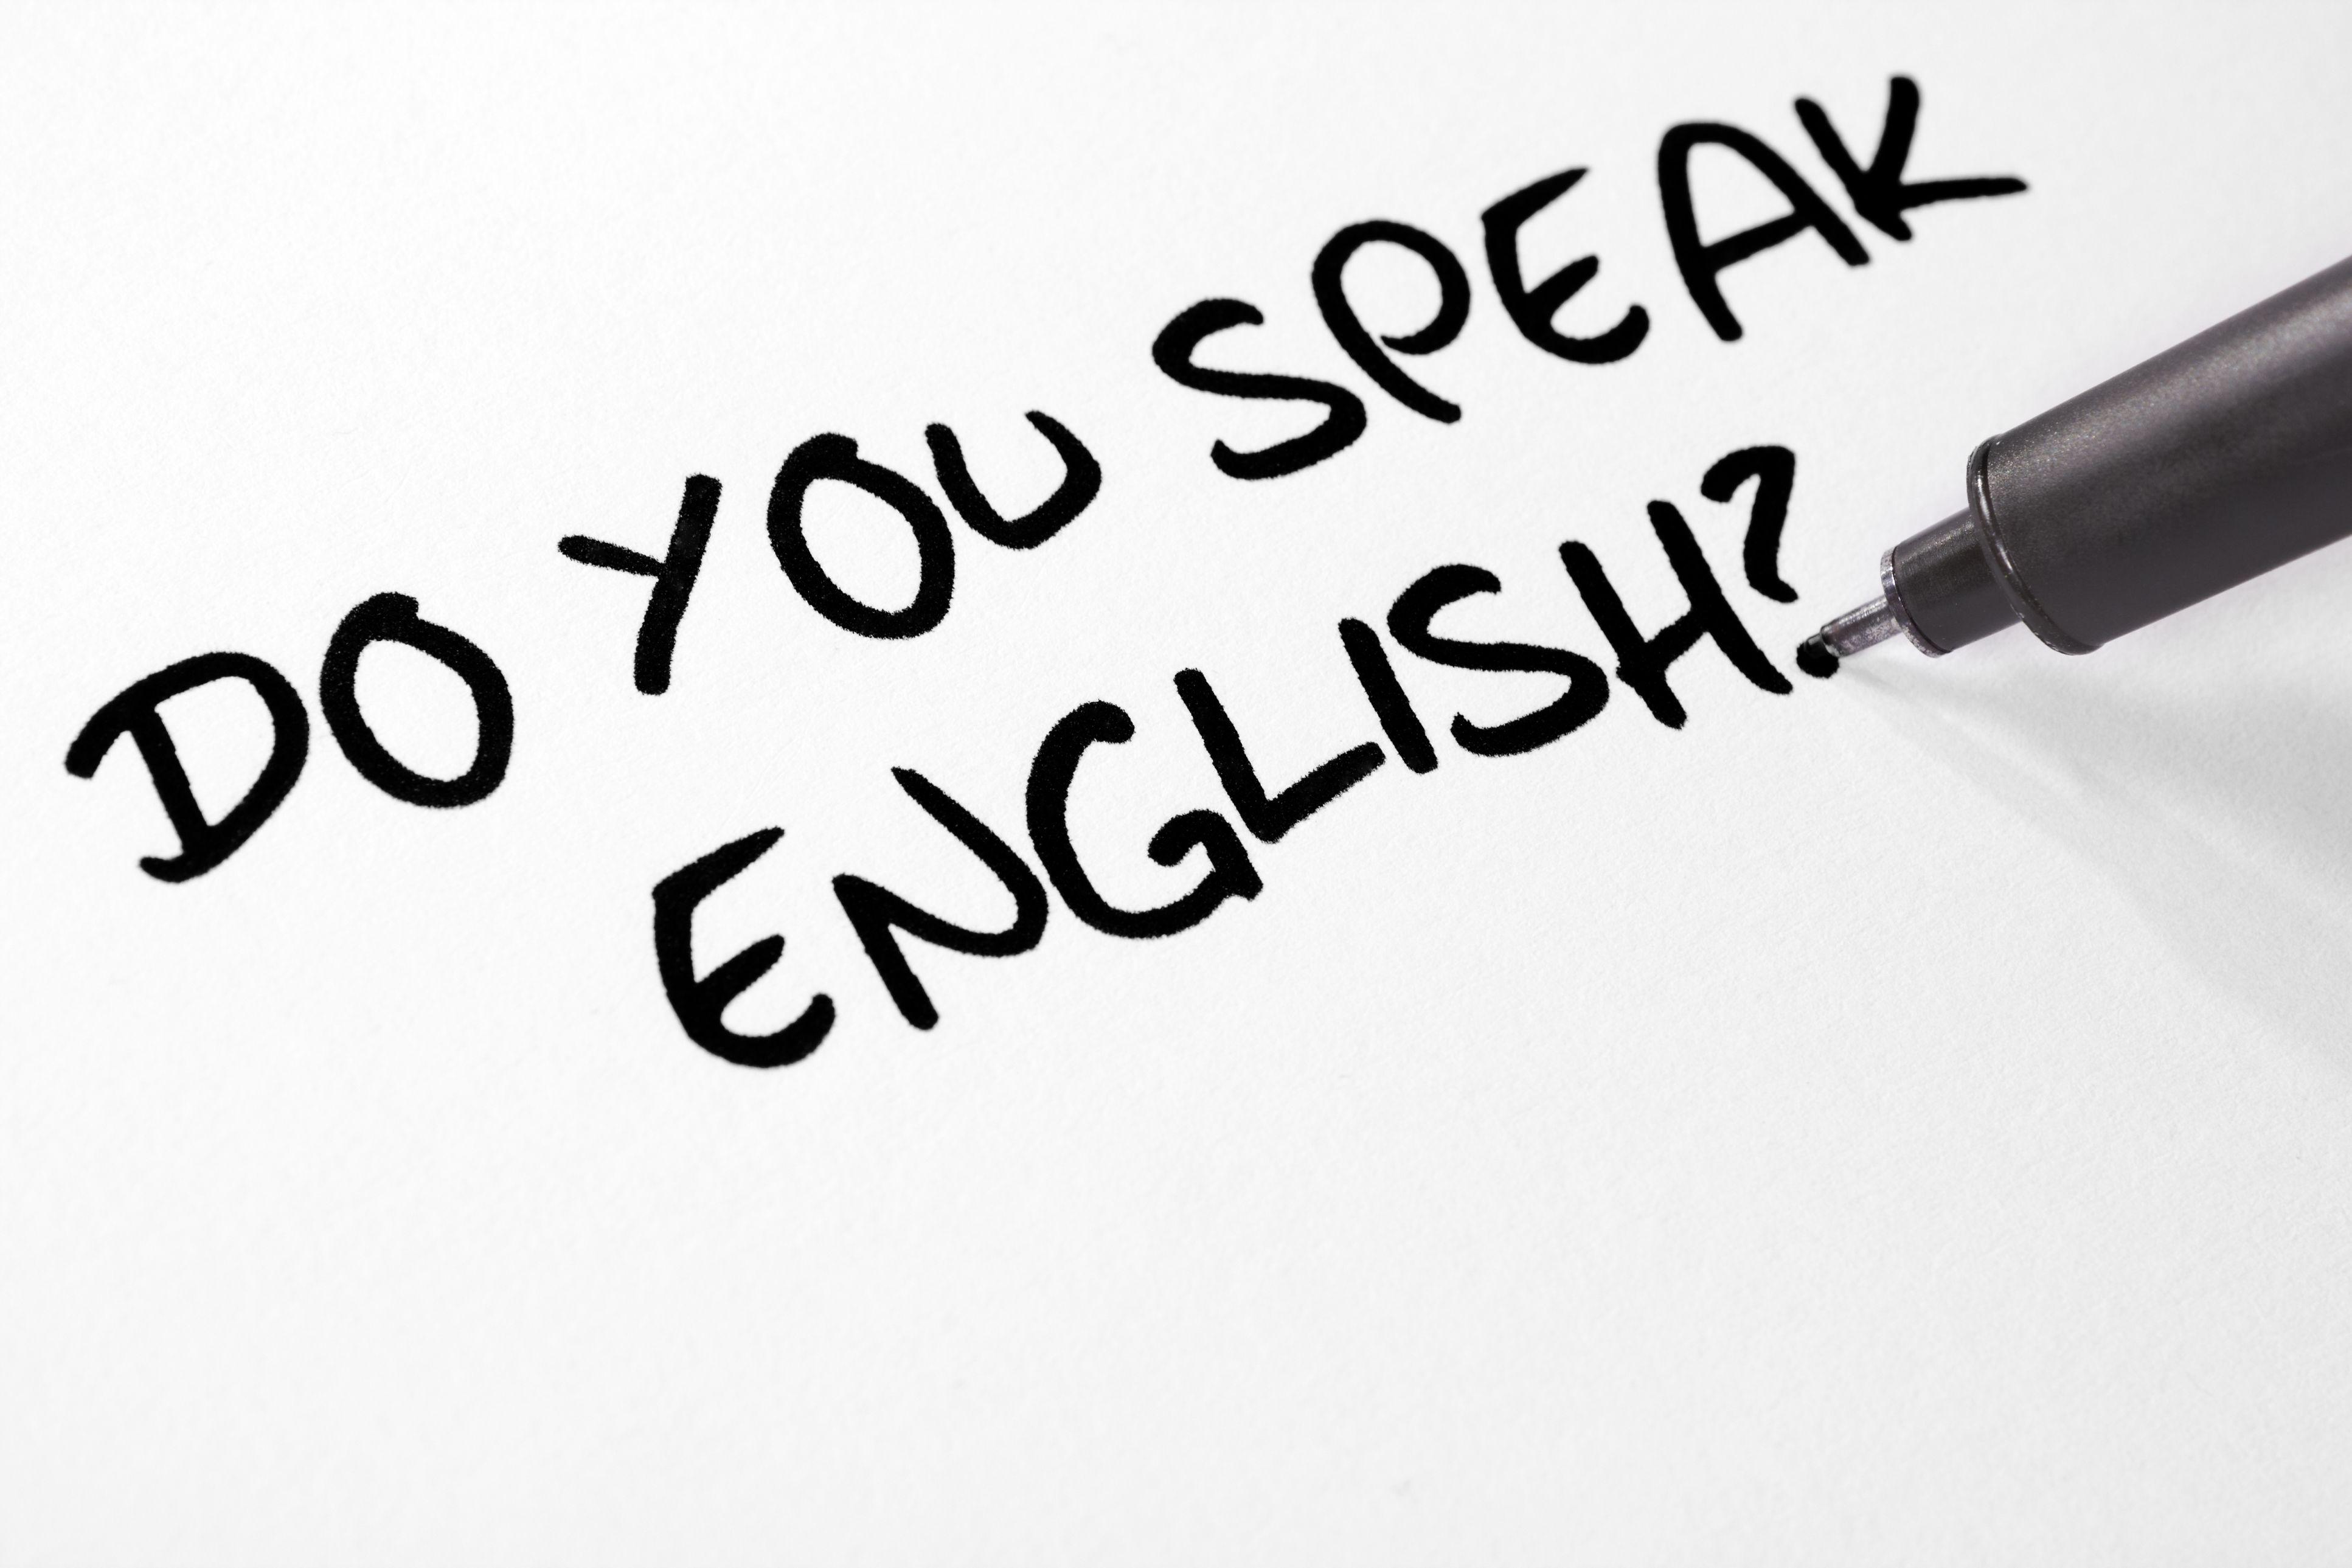 Английский язык картинки с надписями, картинки прикольные картинки